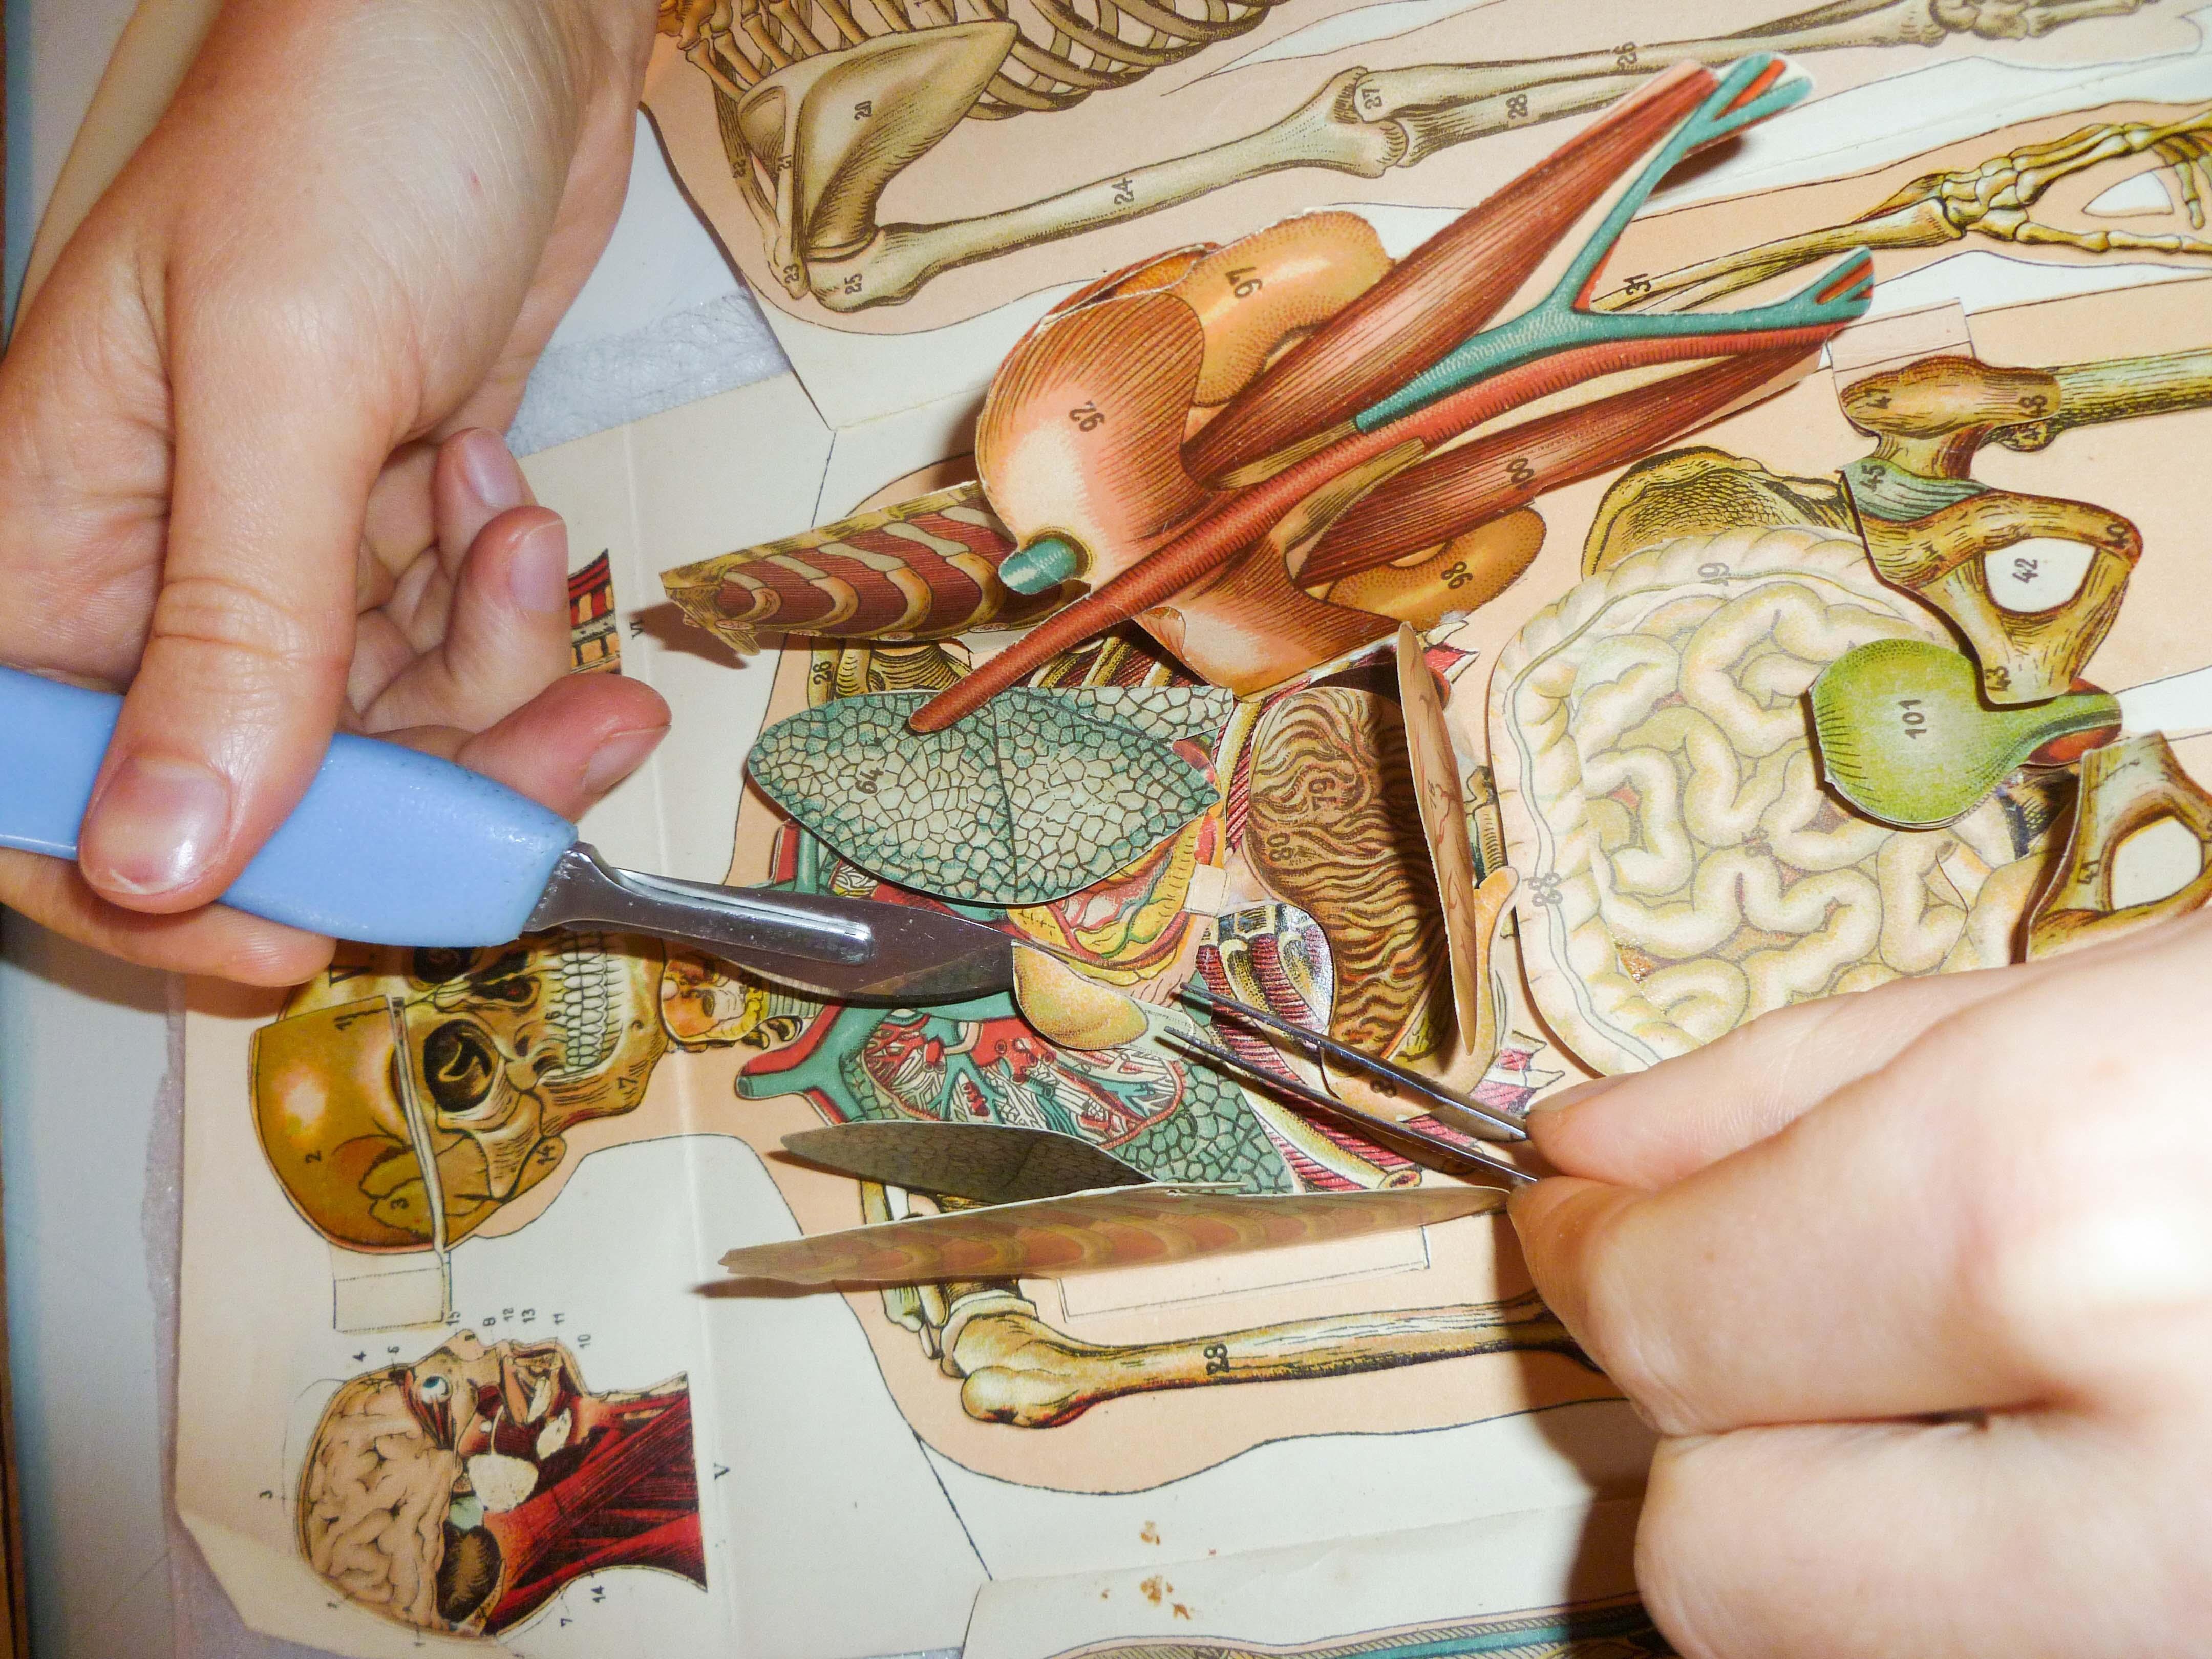 Restauration, maquette de médecine